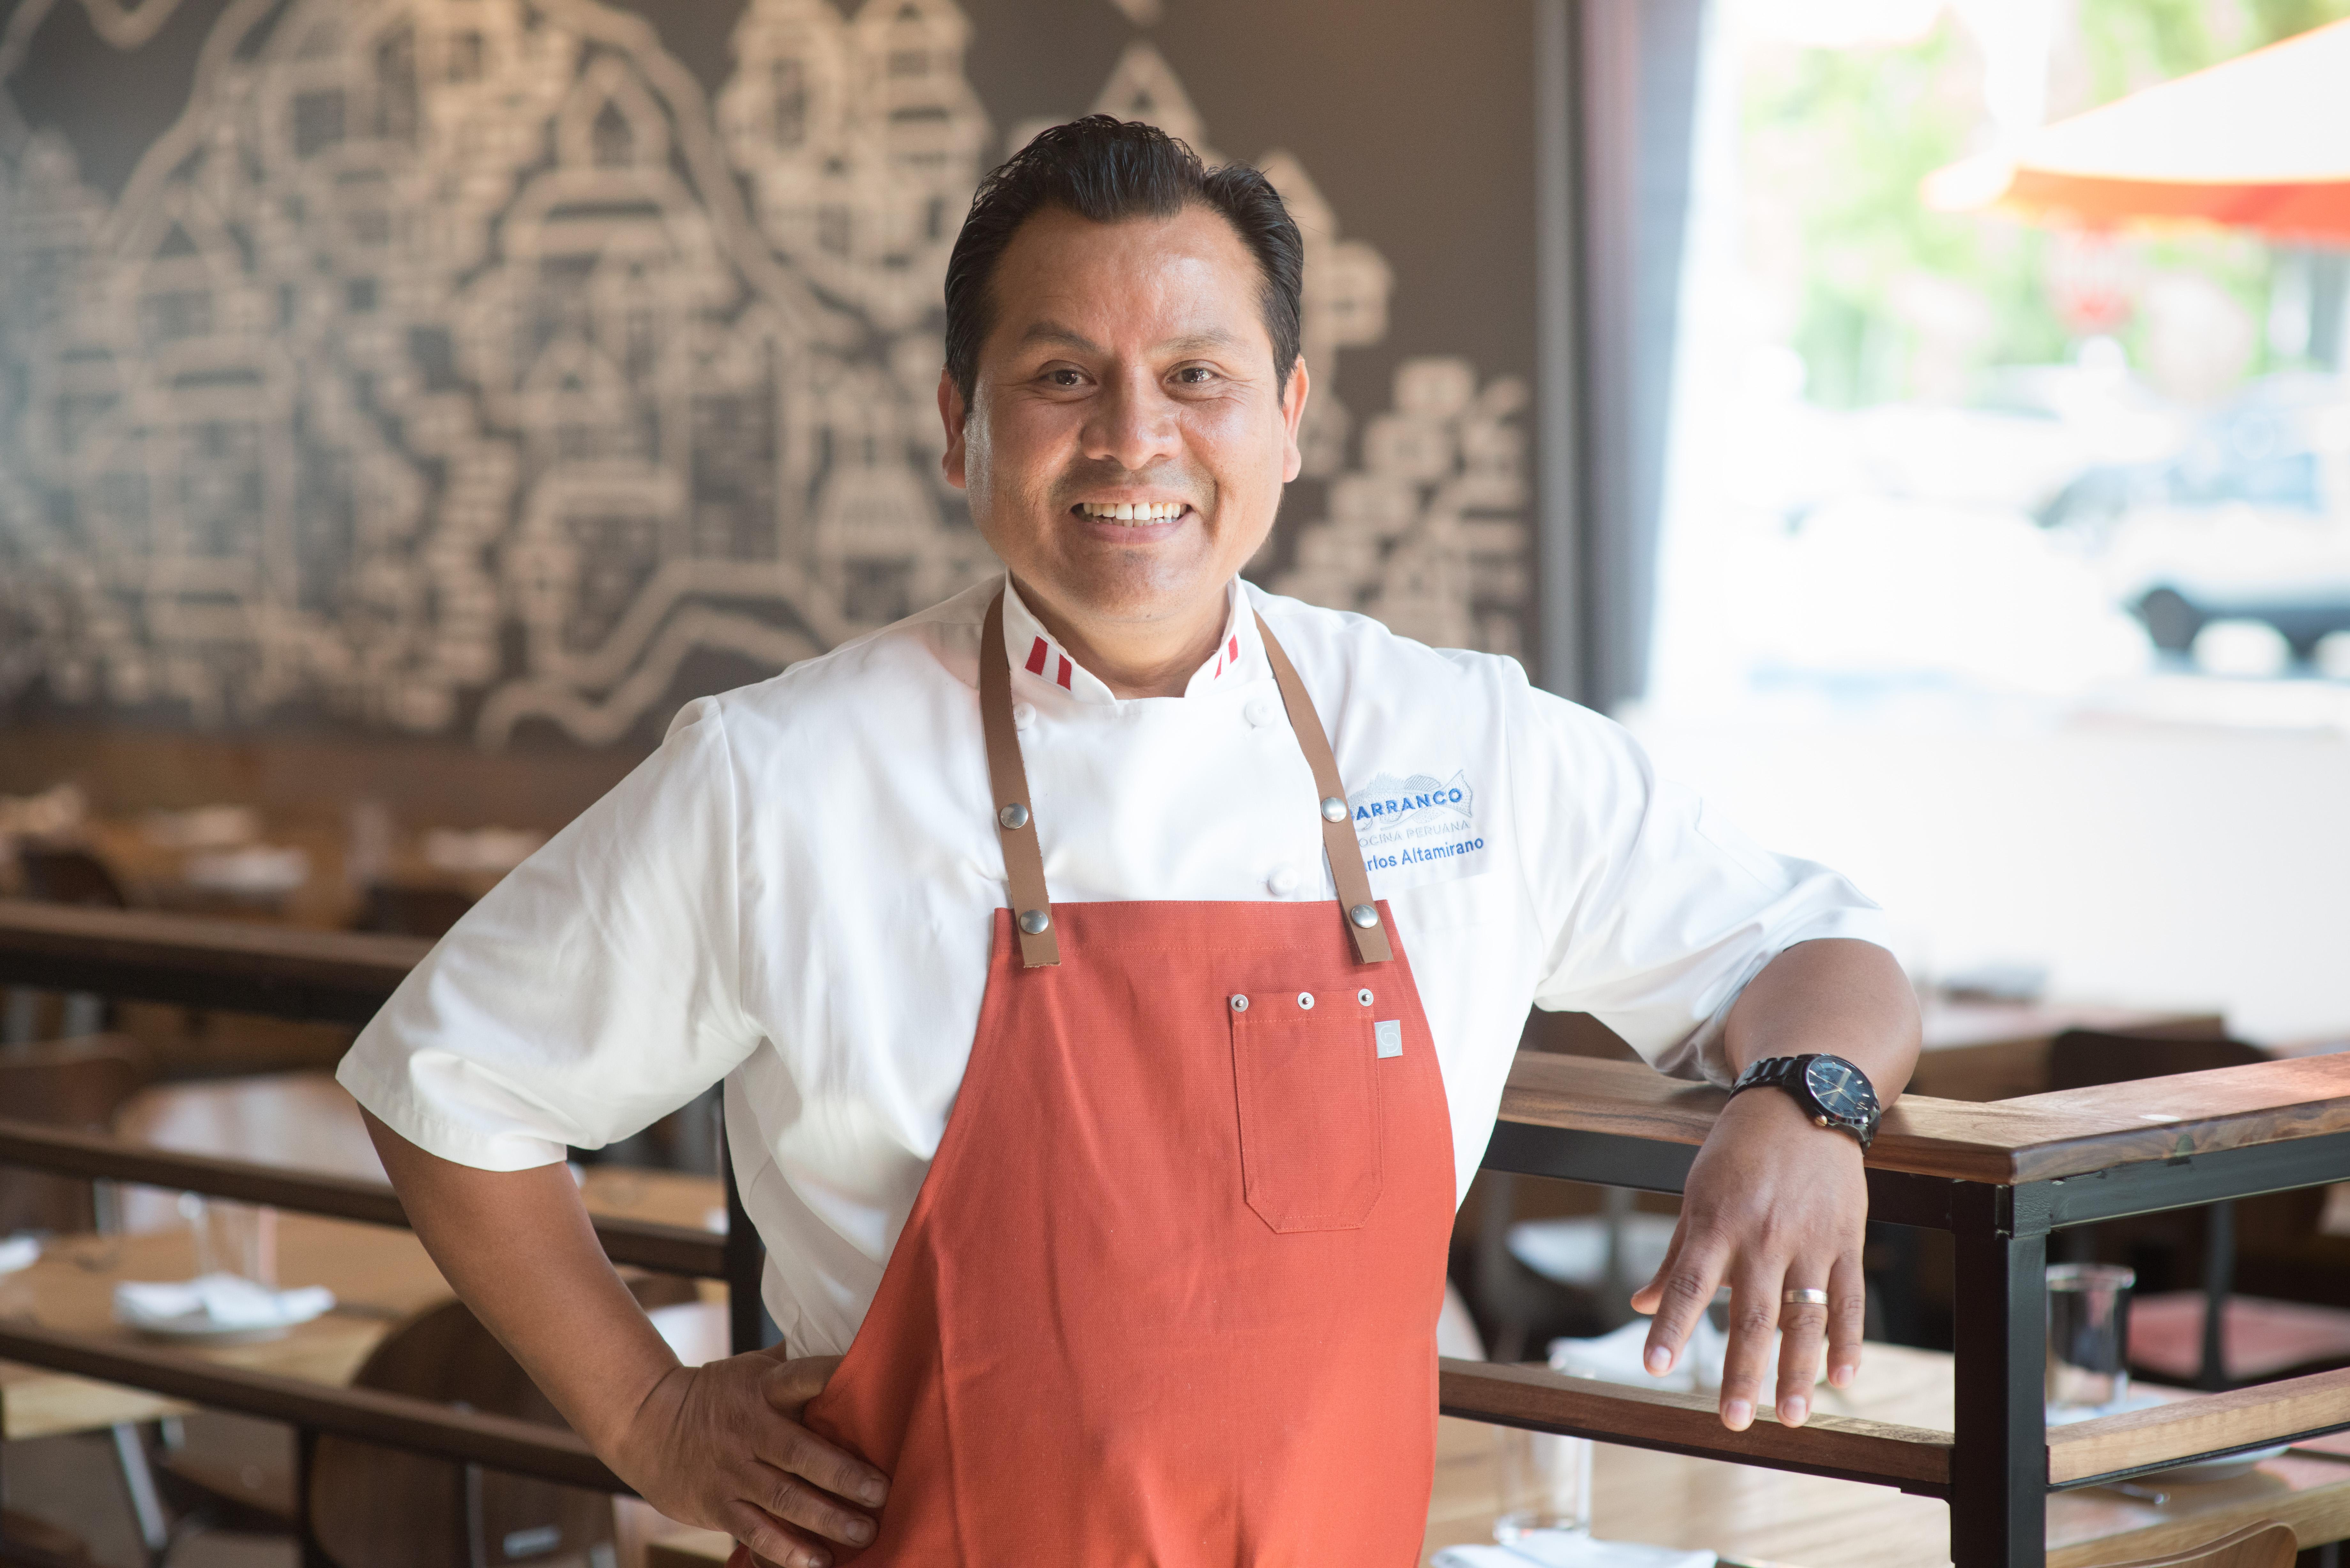 Chef Carlos Altamirano